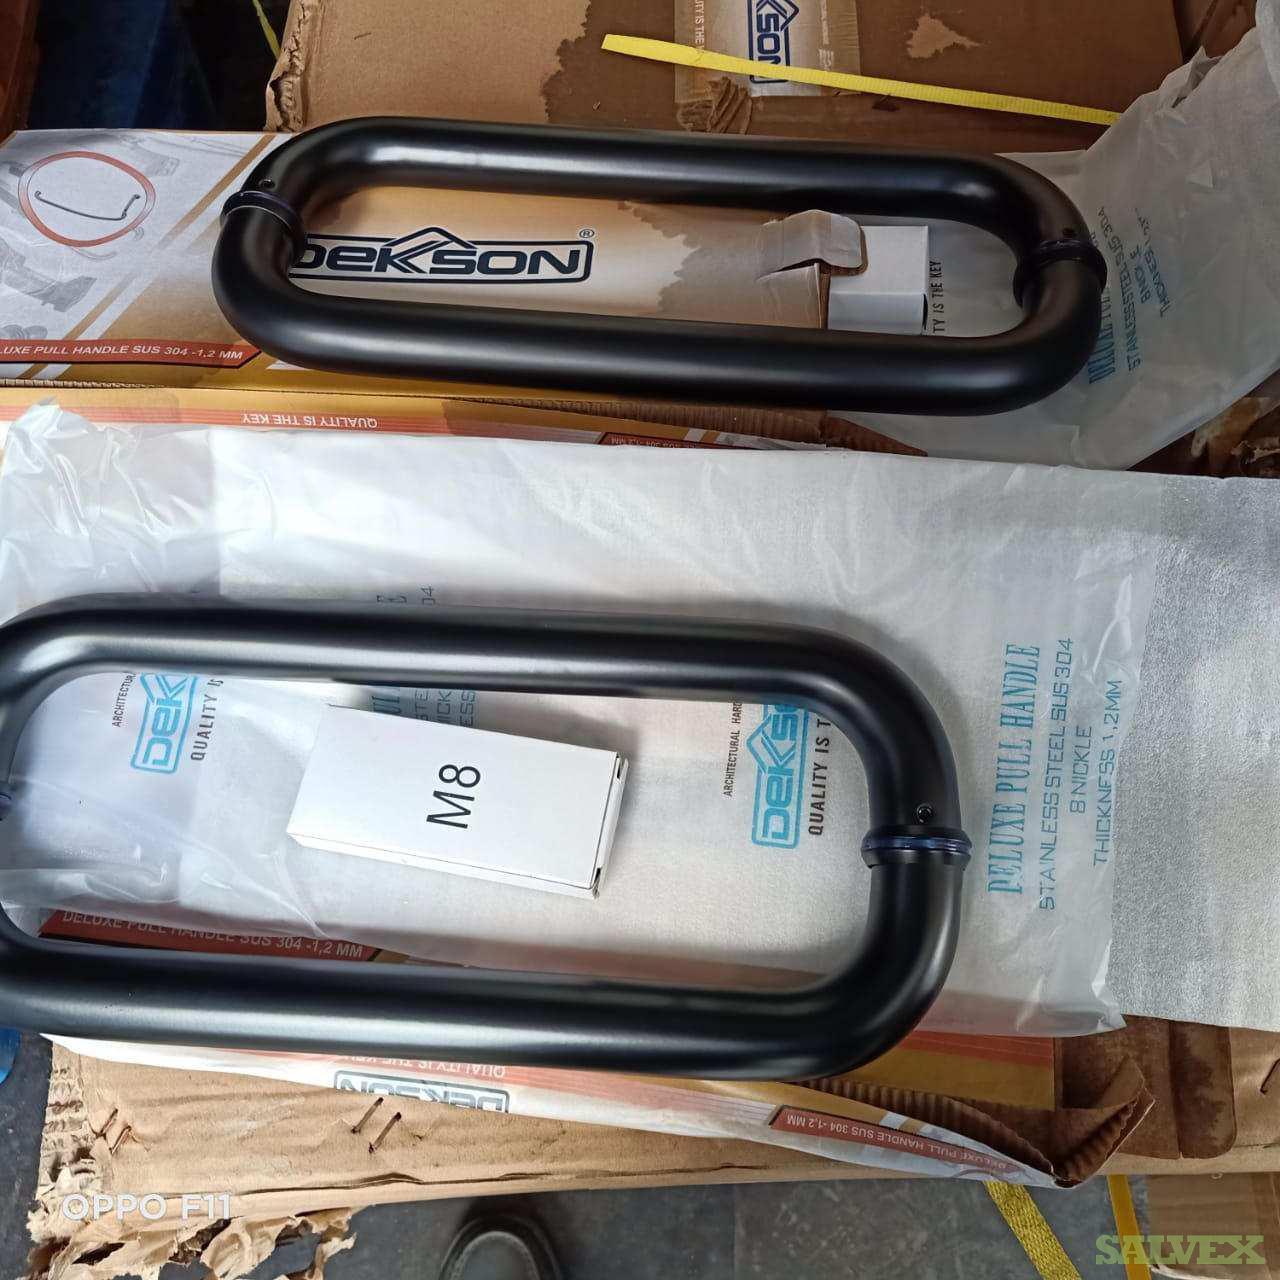 Dekkson Door Pull Handle Sets (70 Cartons, 1030 sets) in Jakarta, Indonesia